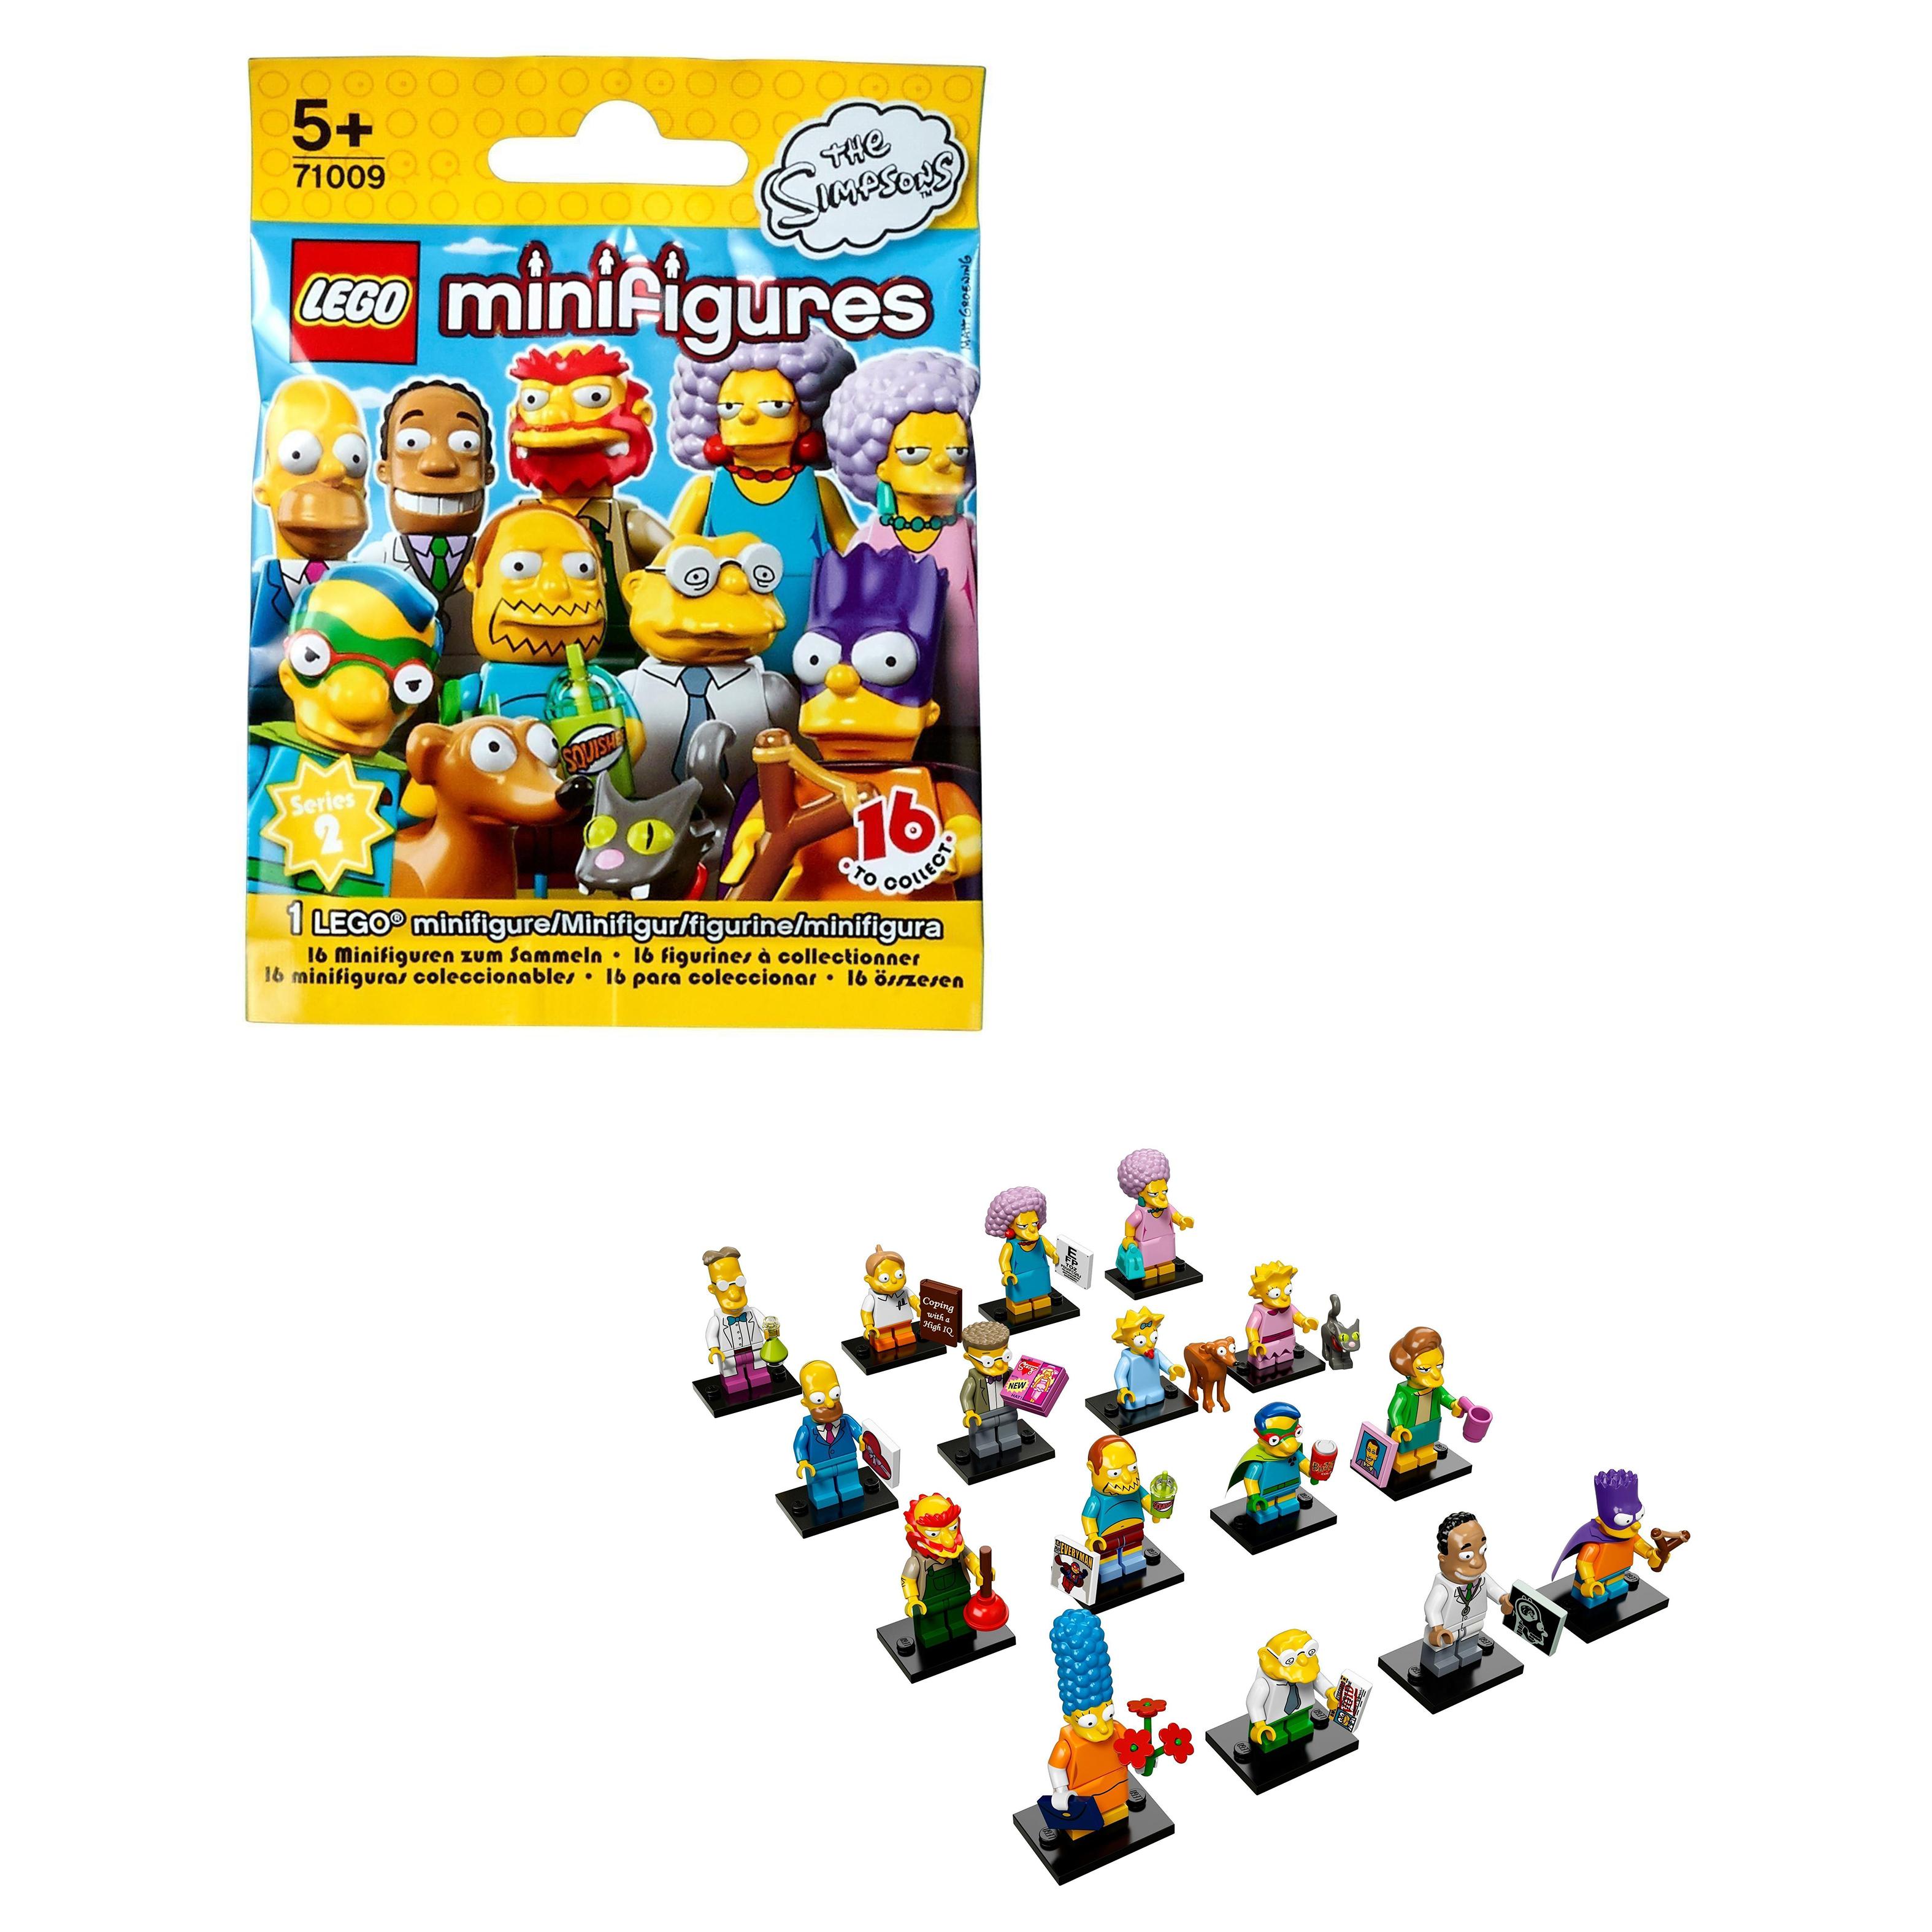 Конструктор LEGO Minifigures Минифигурки LEGO Серия Симпсоны 2.0 (71009) фото